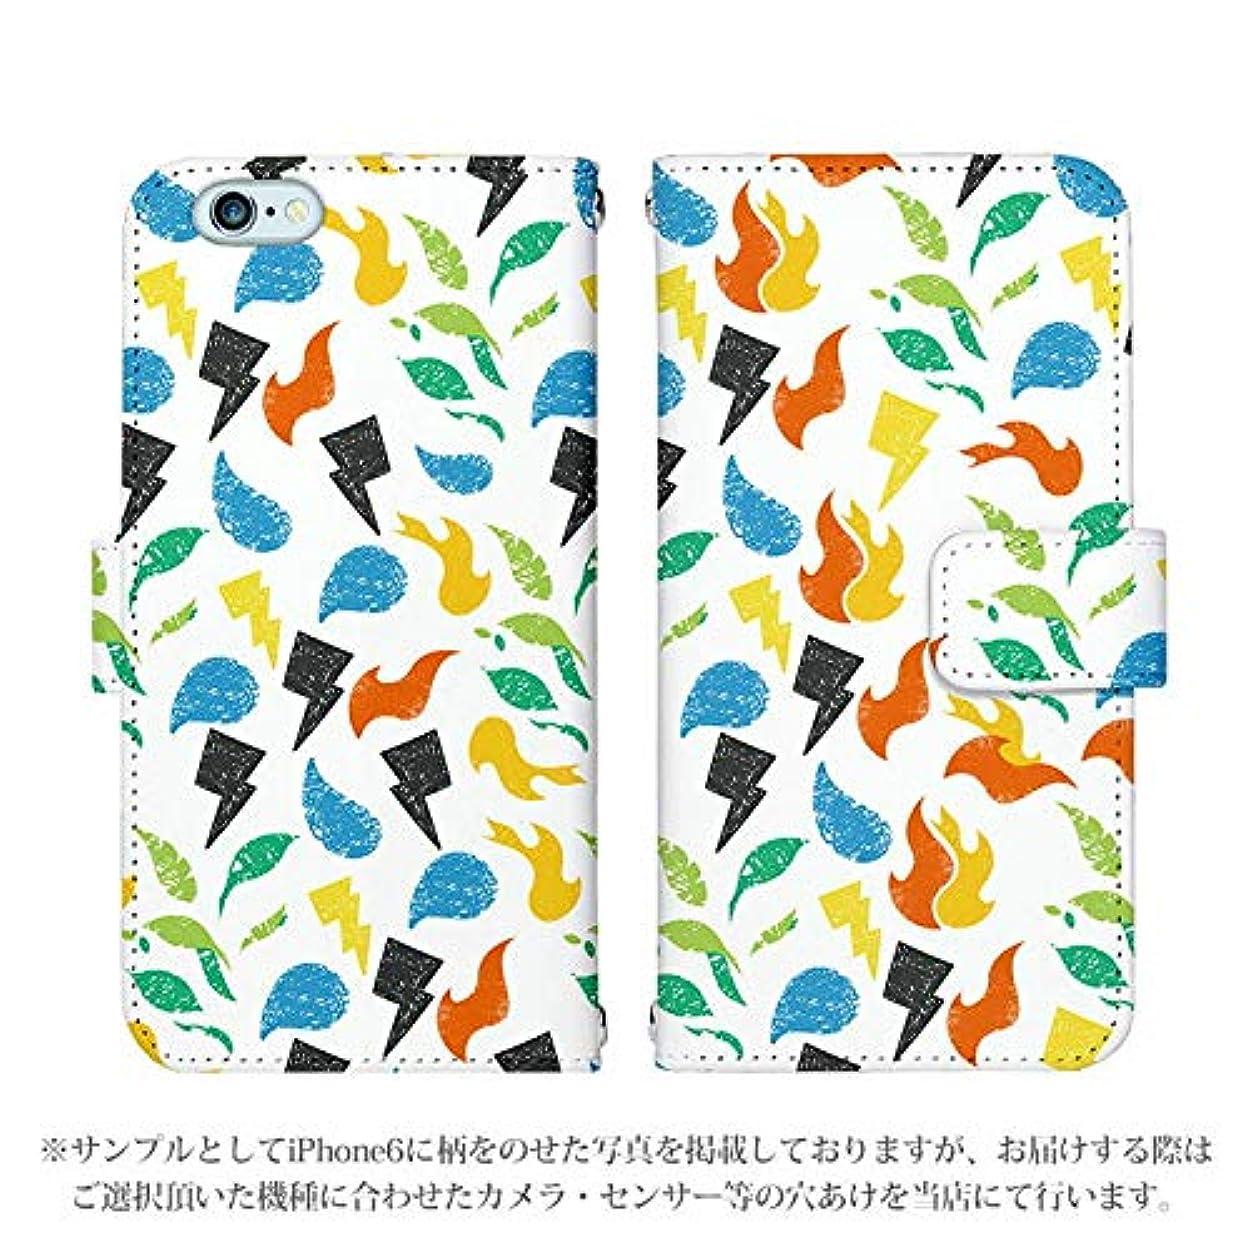 バラバラにするストレージ群衆iPhone XS 手帳型 ケース [デザイン:7.ミックス/マグネットハンドあり] タイプ別マーク アイフォン アイホン iPhoneXS スマホ カバー